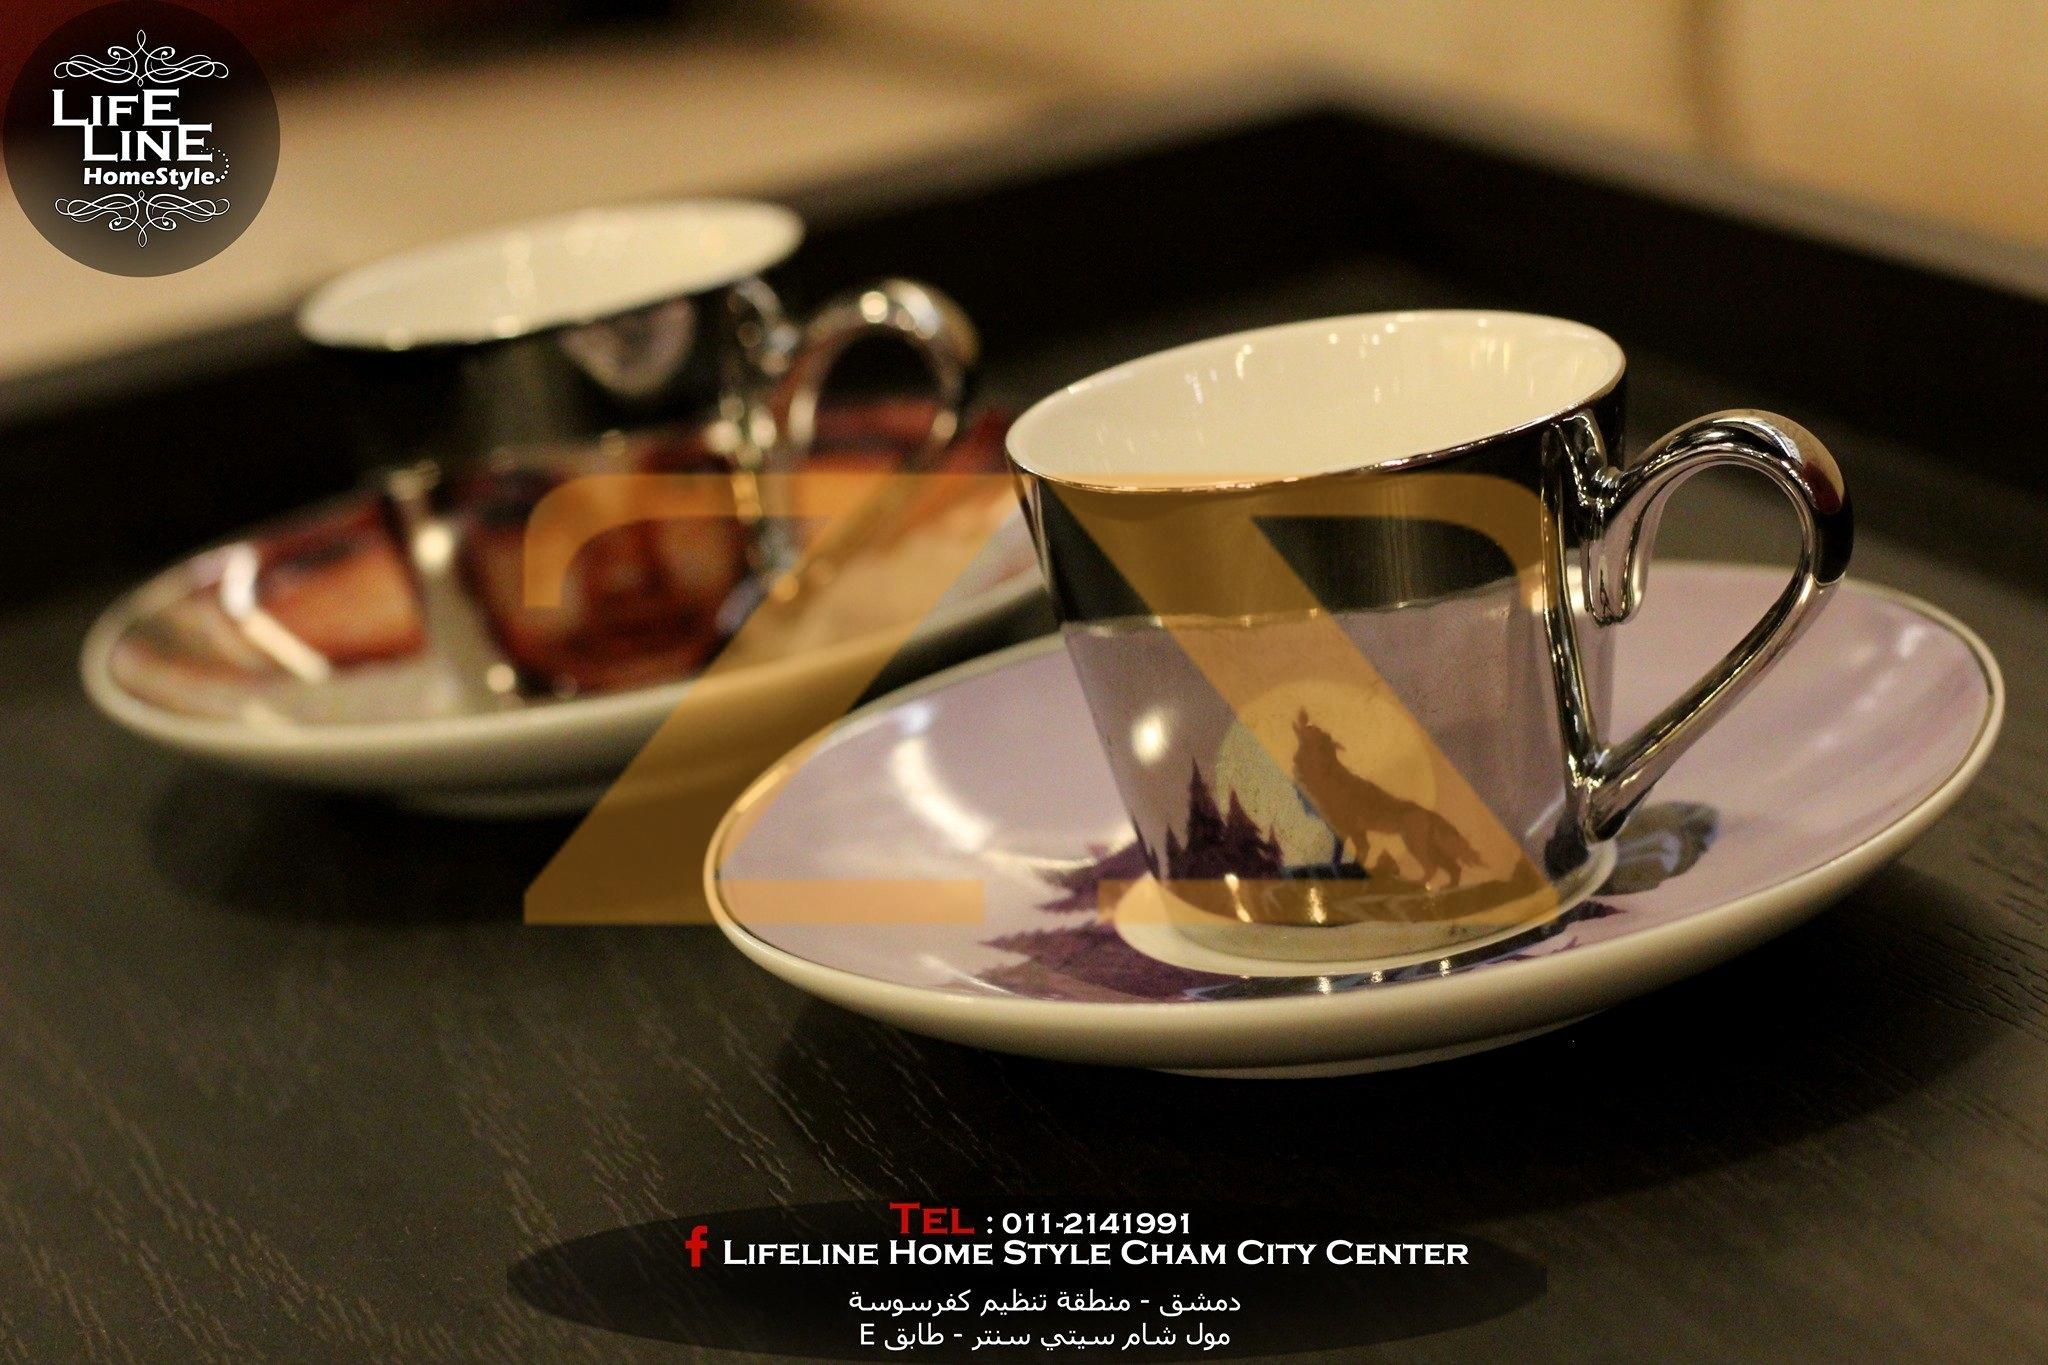 فناجين قهوة ثلاثية الأبعاد